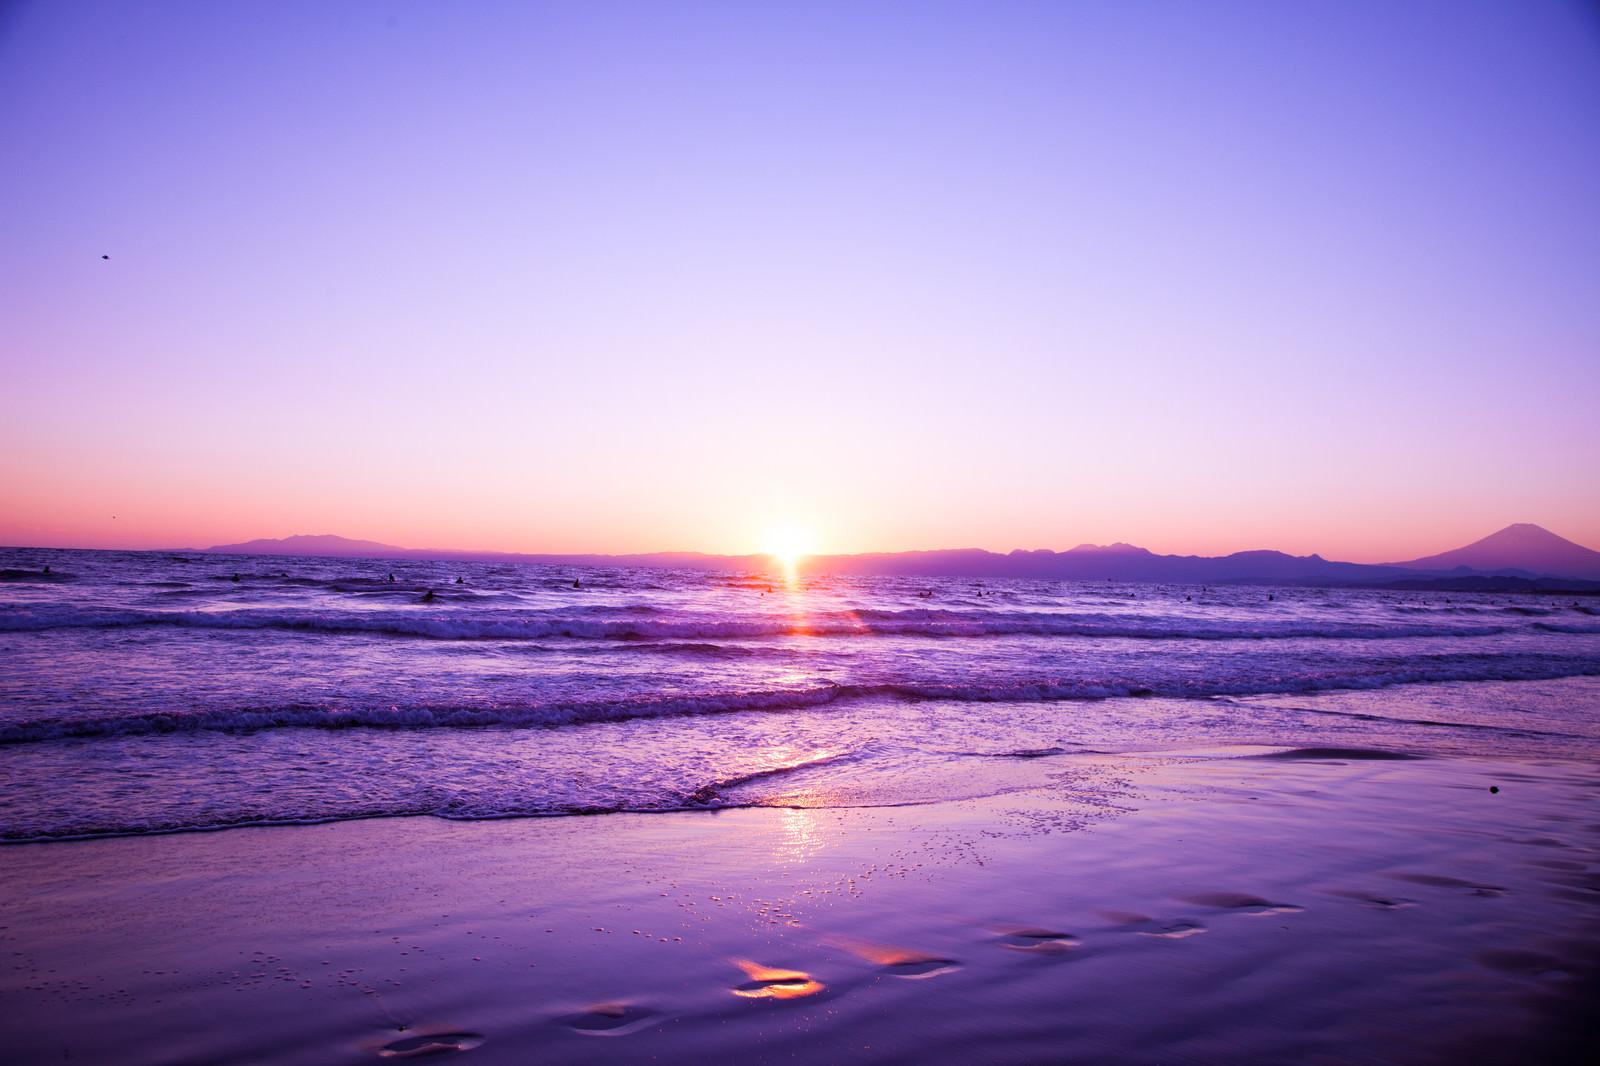 「静かに日が昇る静かに日が昇る」のフリー写真素材を拡大